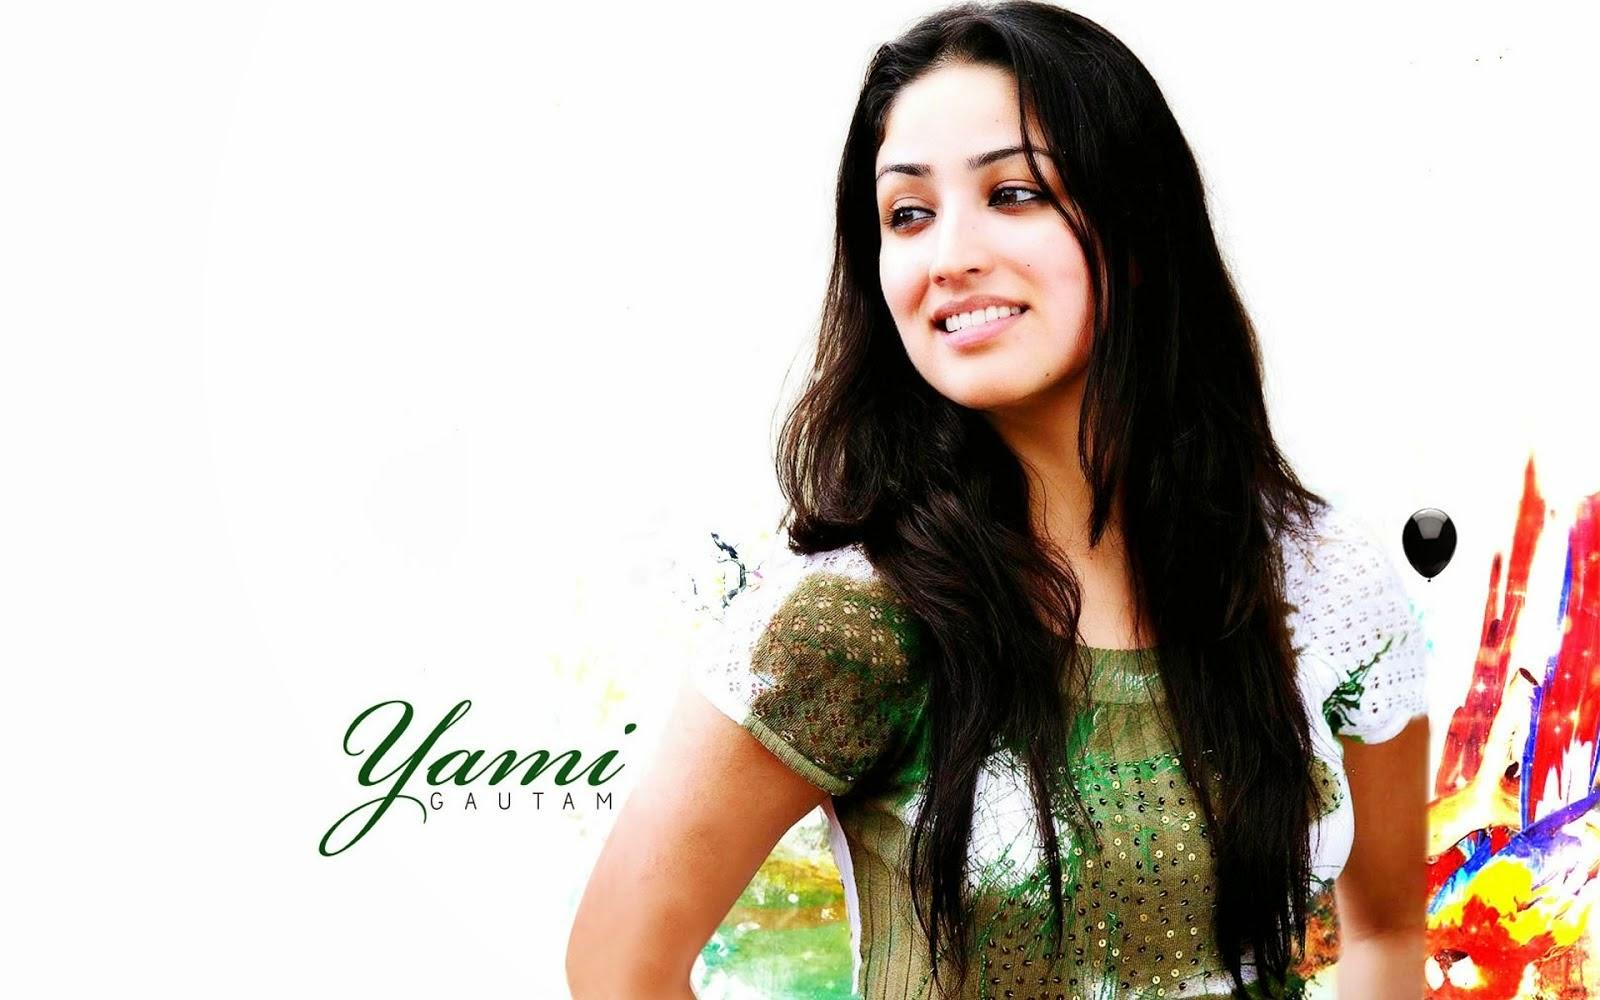 Yami Gautam Hd Pics: Actress Yami Gautam Wallpapers - Part 1